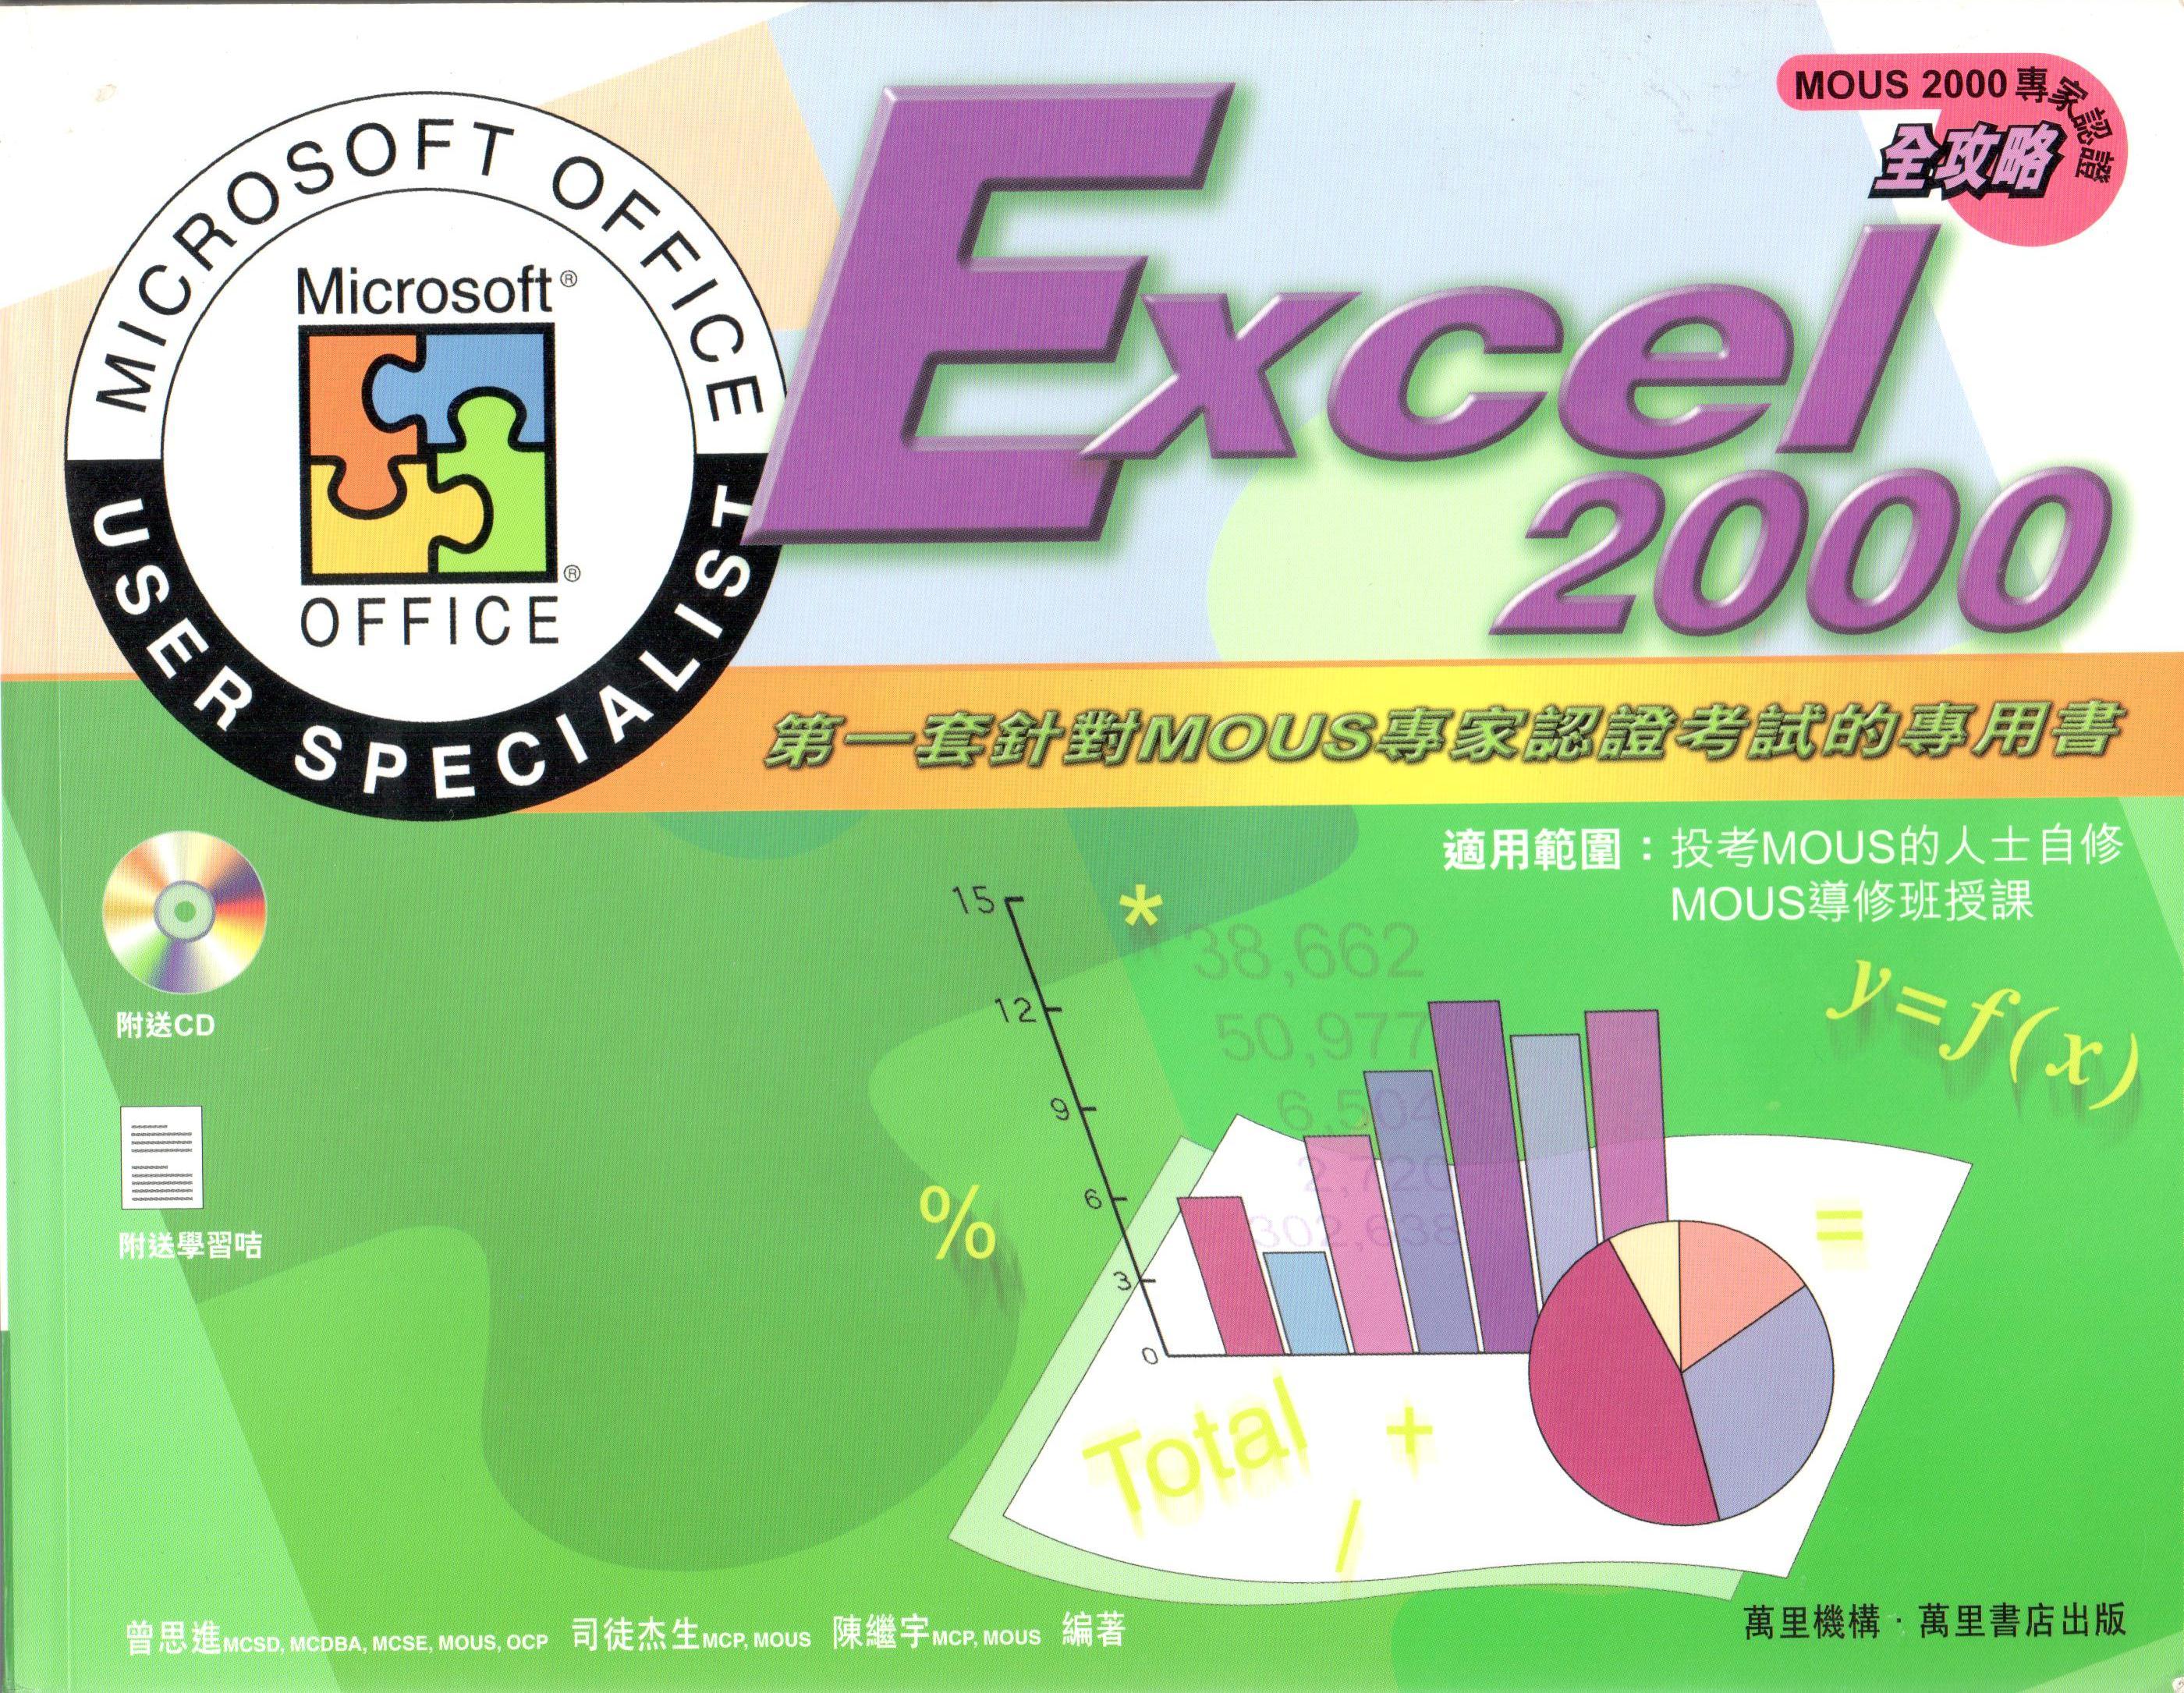 Excel 2000 微軟辦公室家認證全攻略